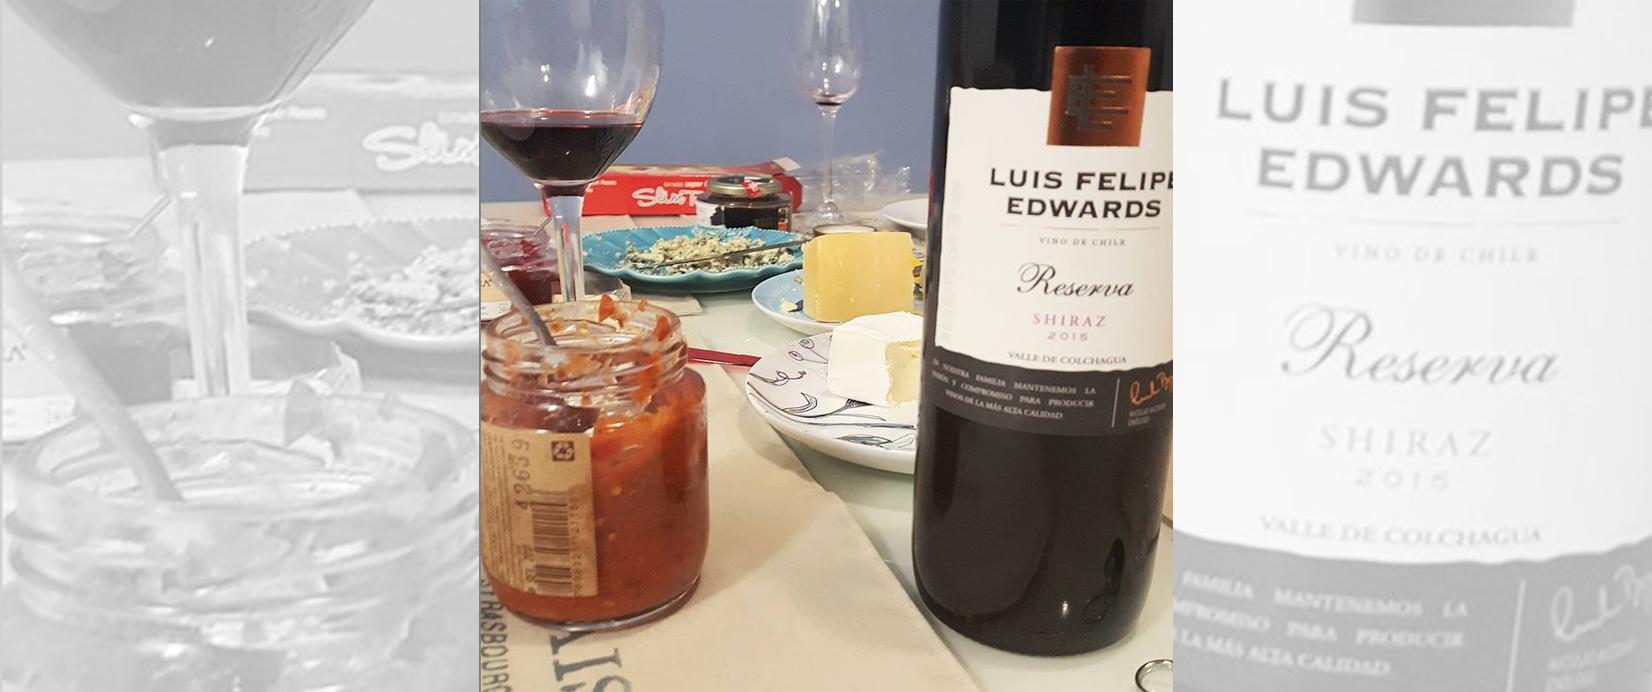 Luis Felipe Edwards Reserva Shiraz 2015